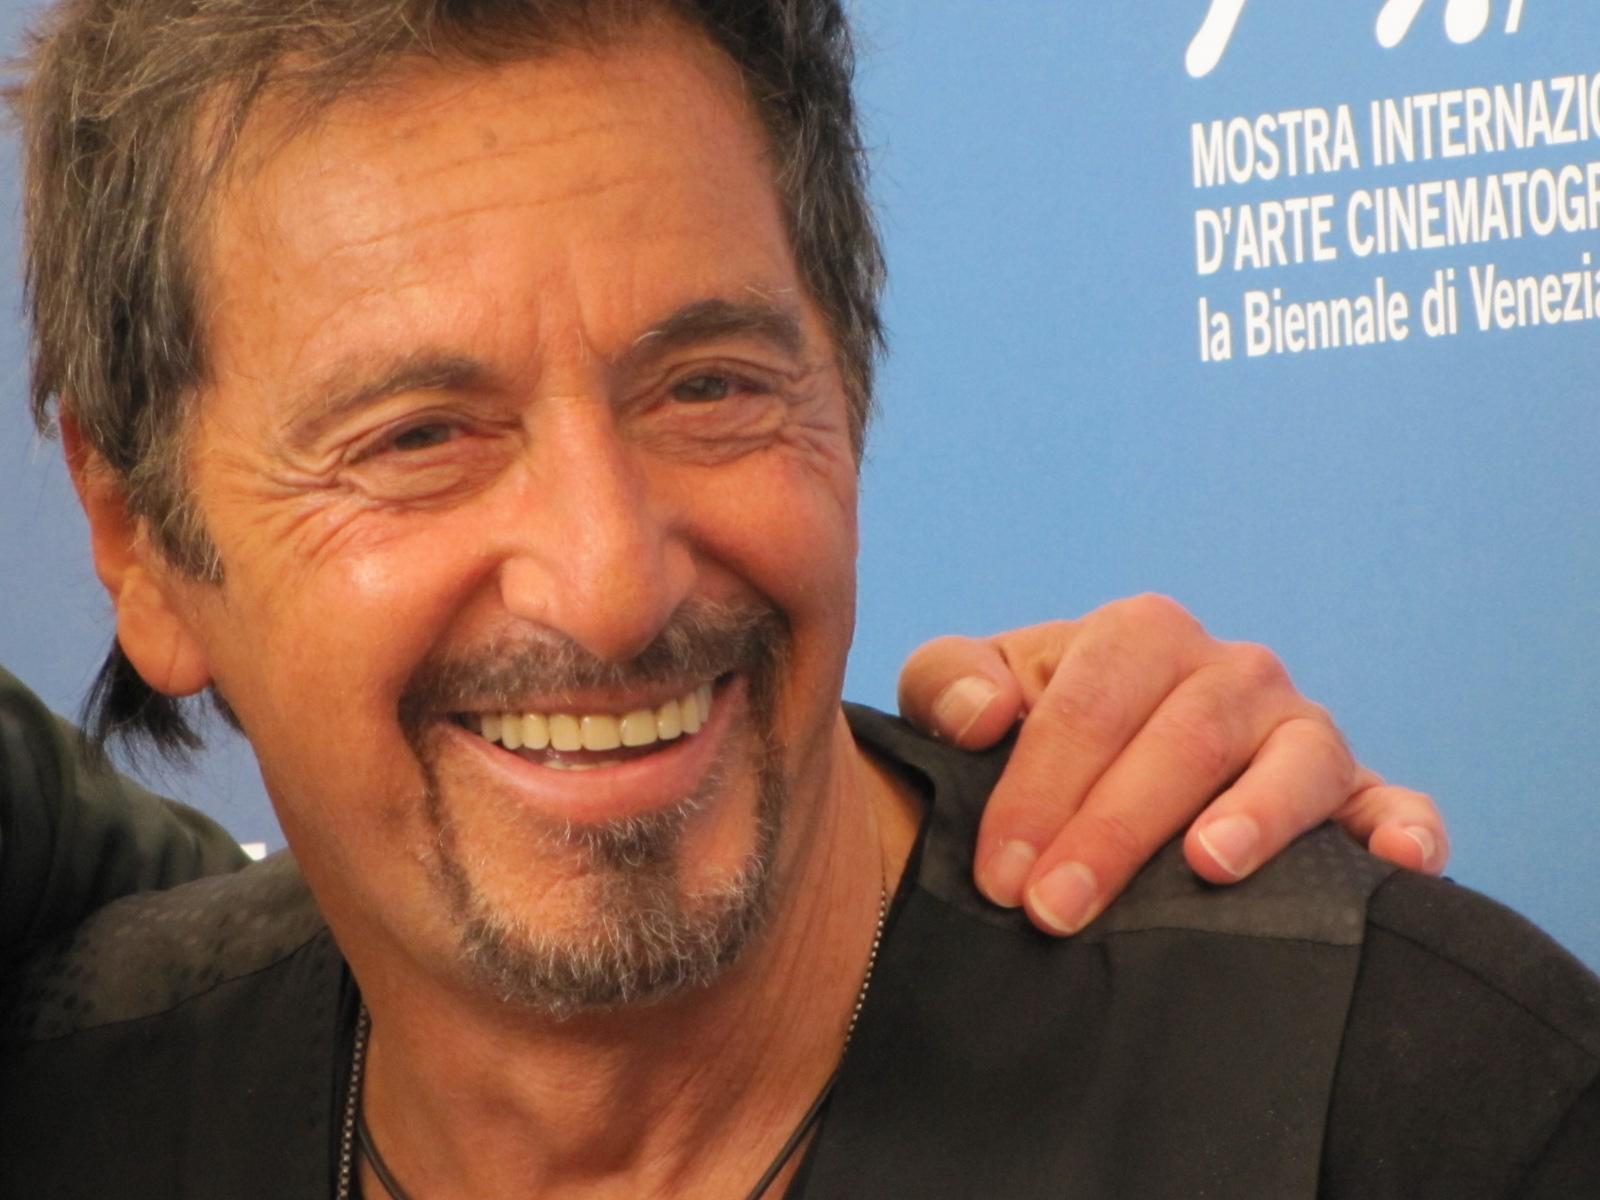 Al Pacino star di Venezia 2014 con due film: Manglehorn e The Humbling